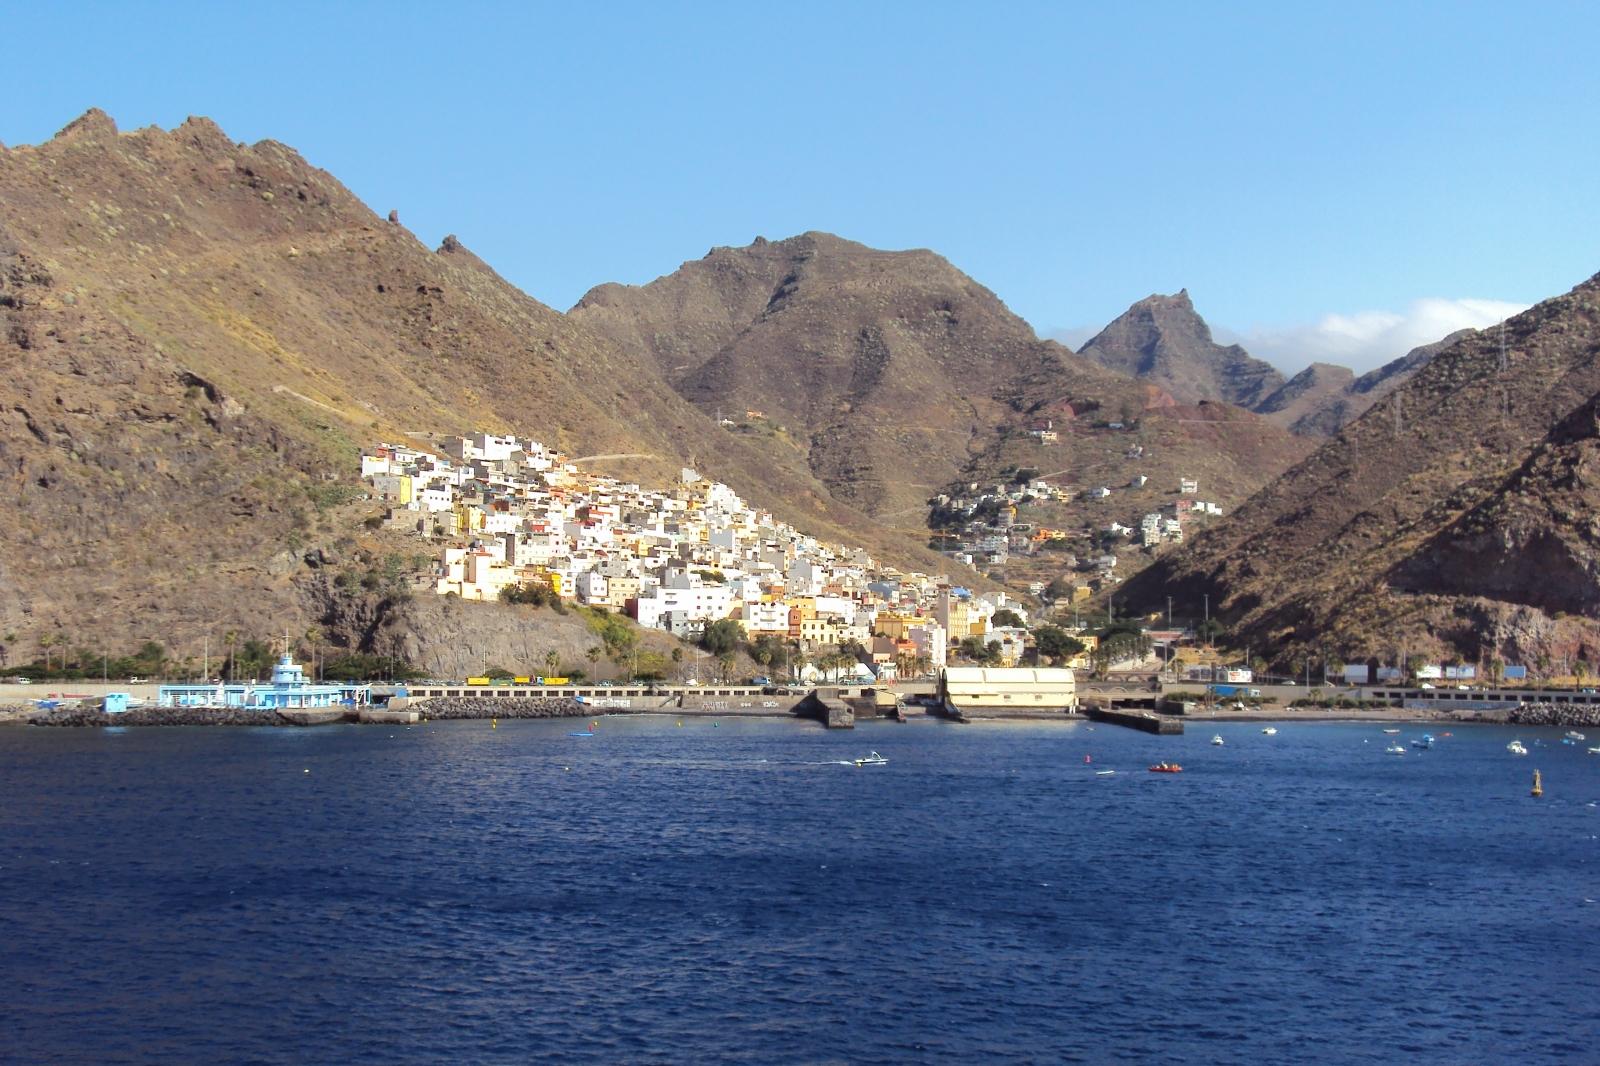 Valleseco Tenerife